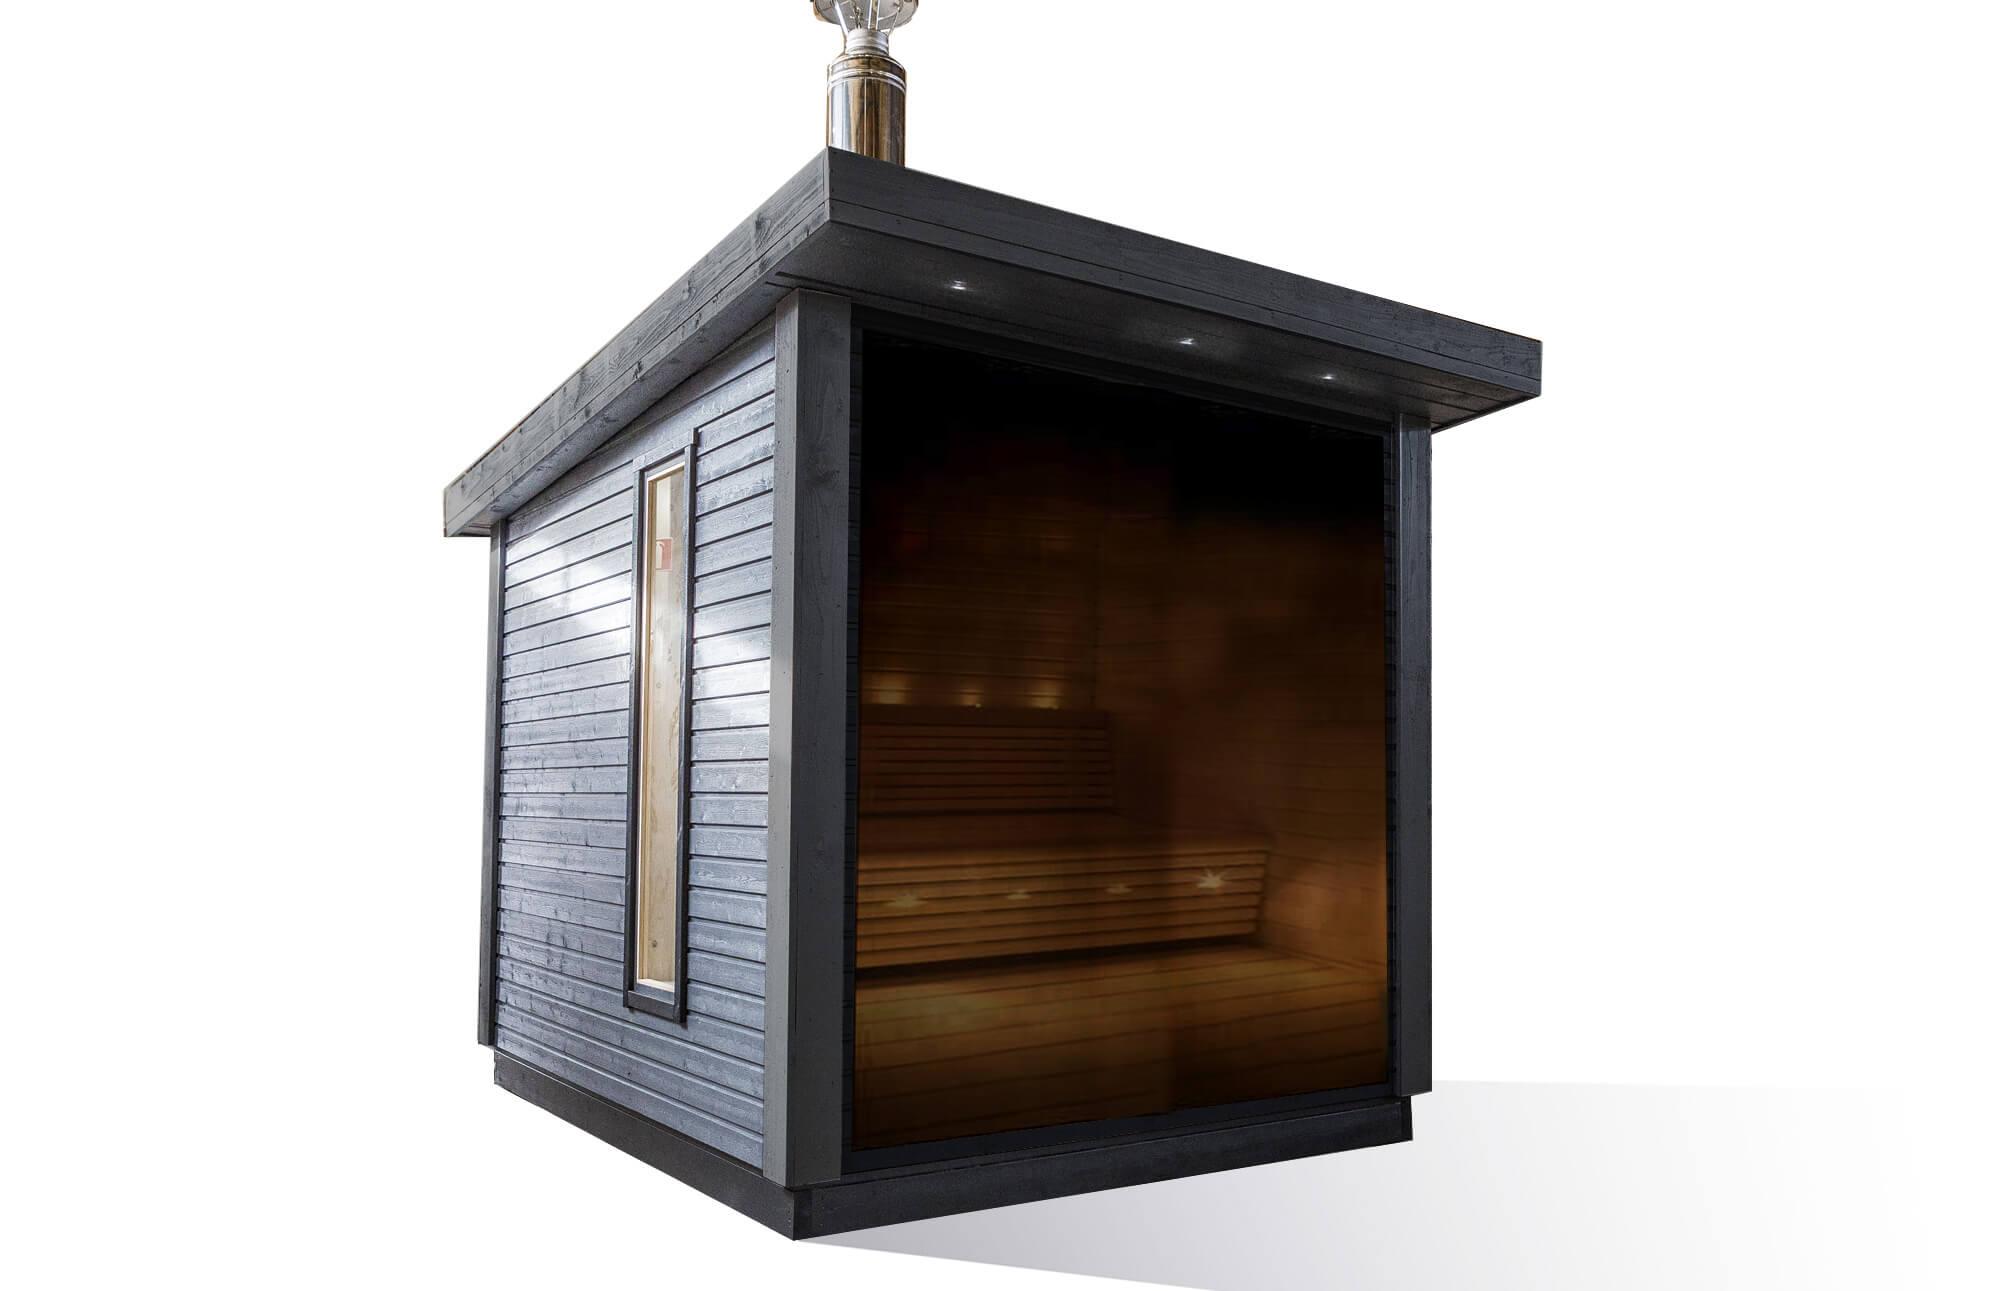 sauna-tummalasi-taustaton